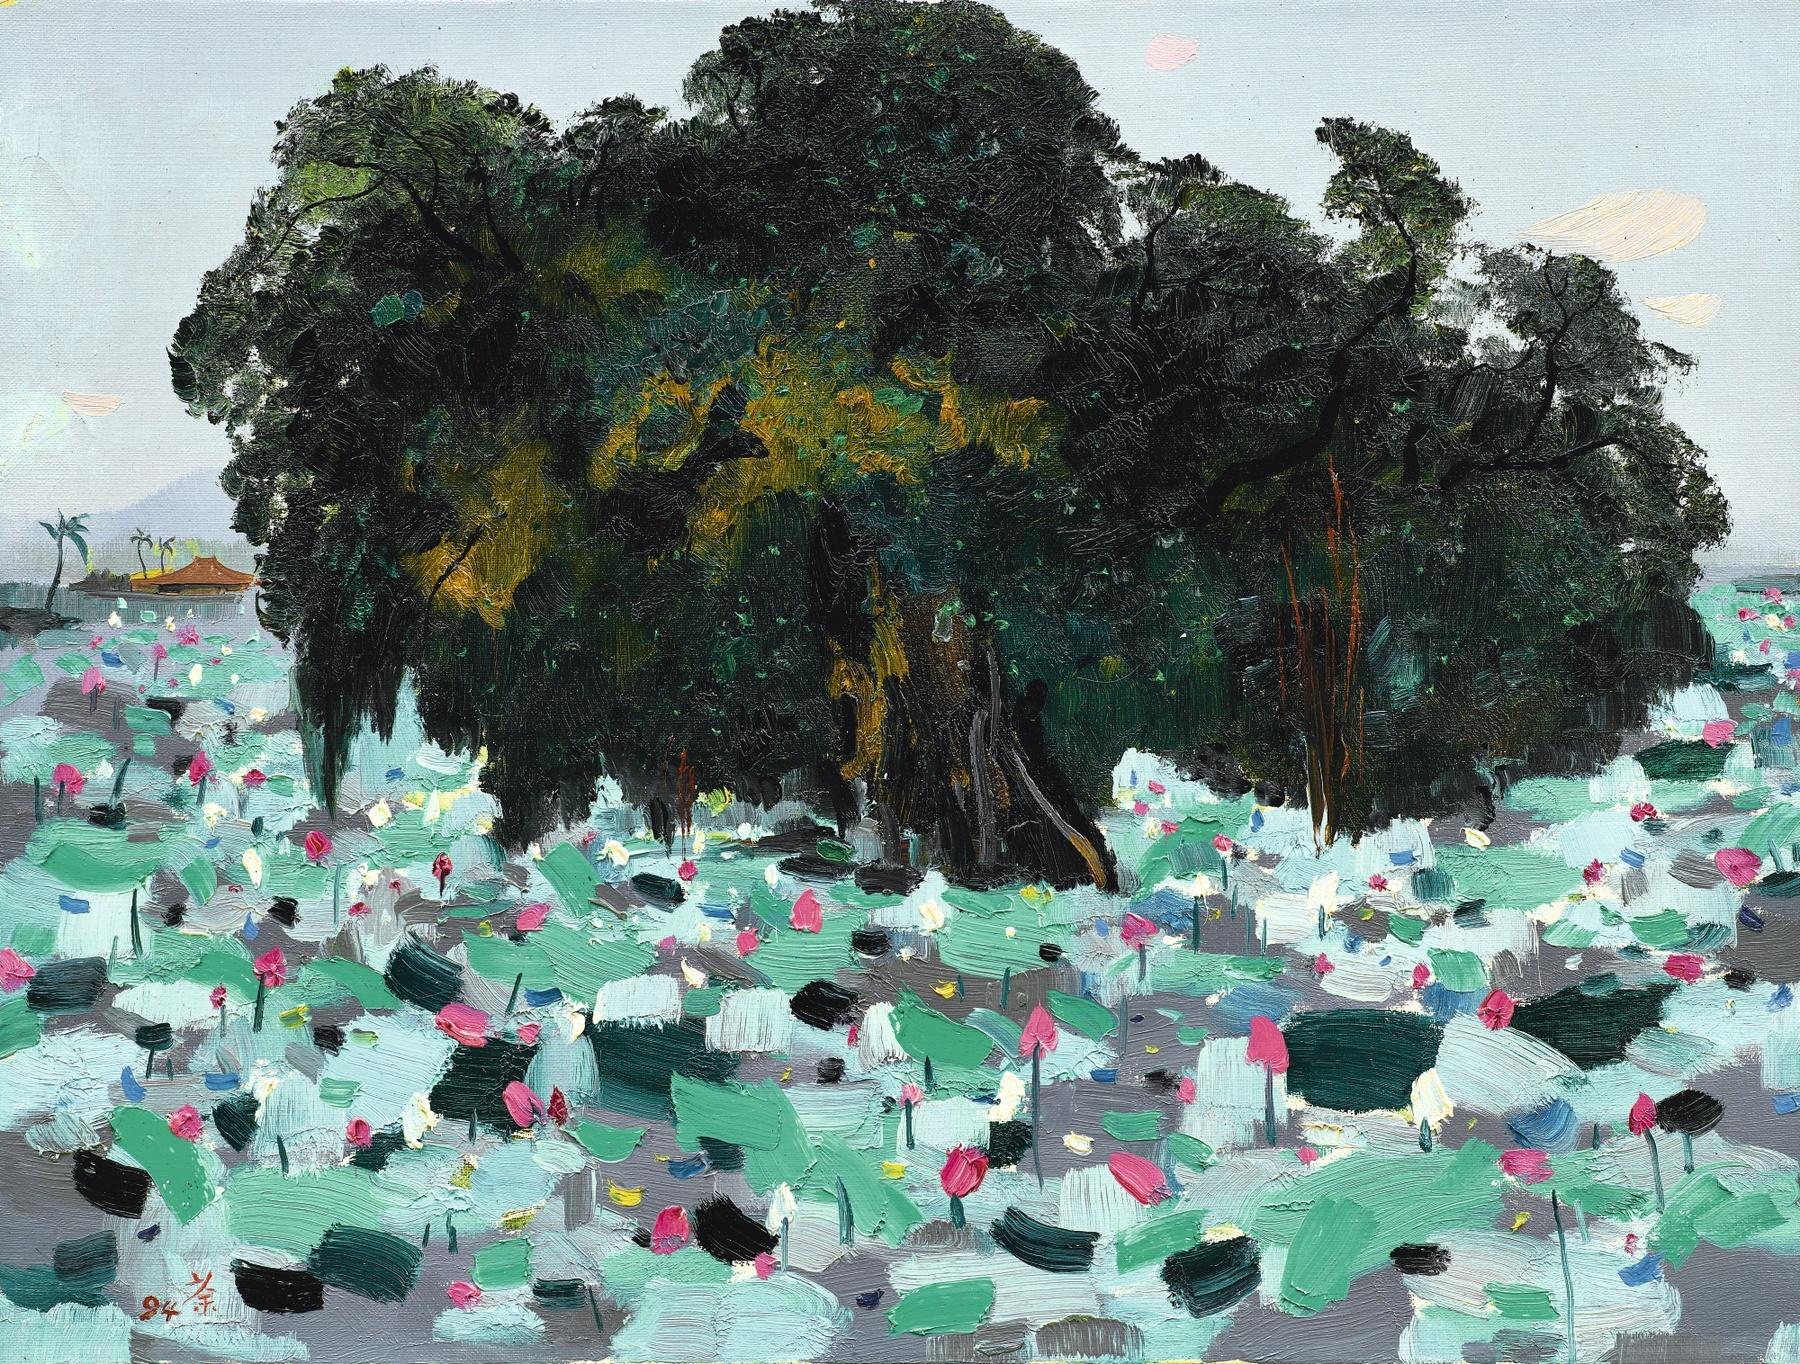 Wu Guanzhong-A Banyan And Lotus Flowers-1994